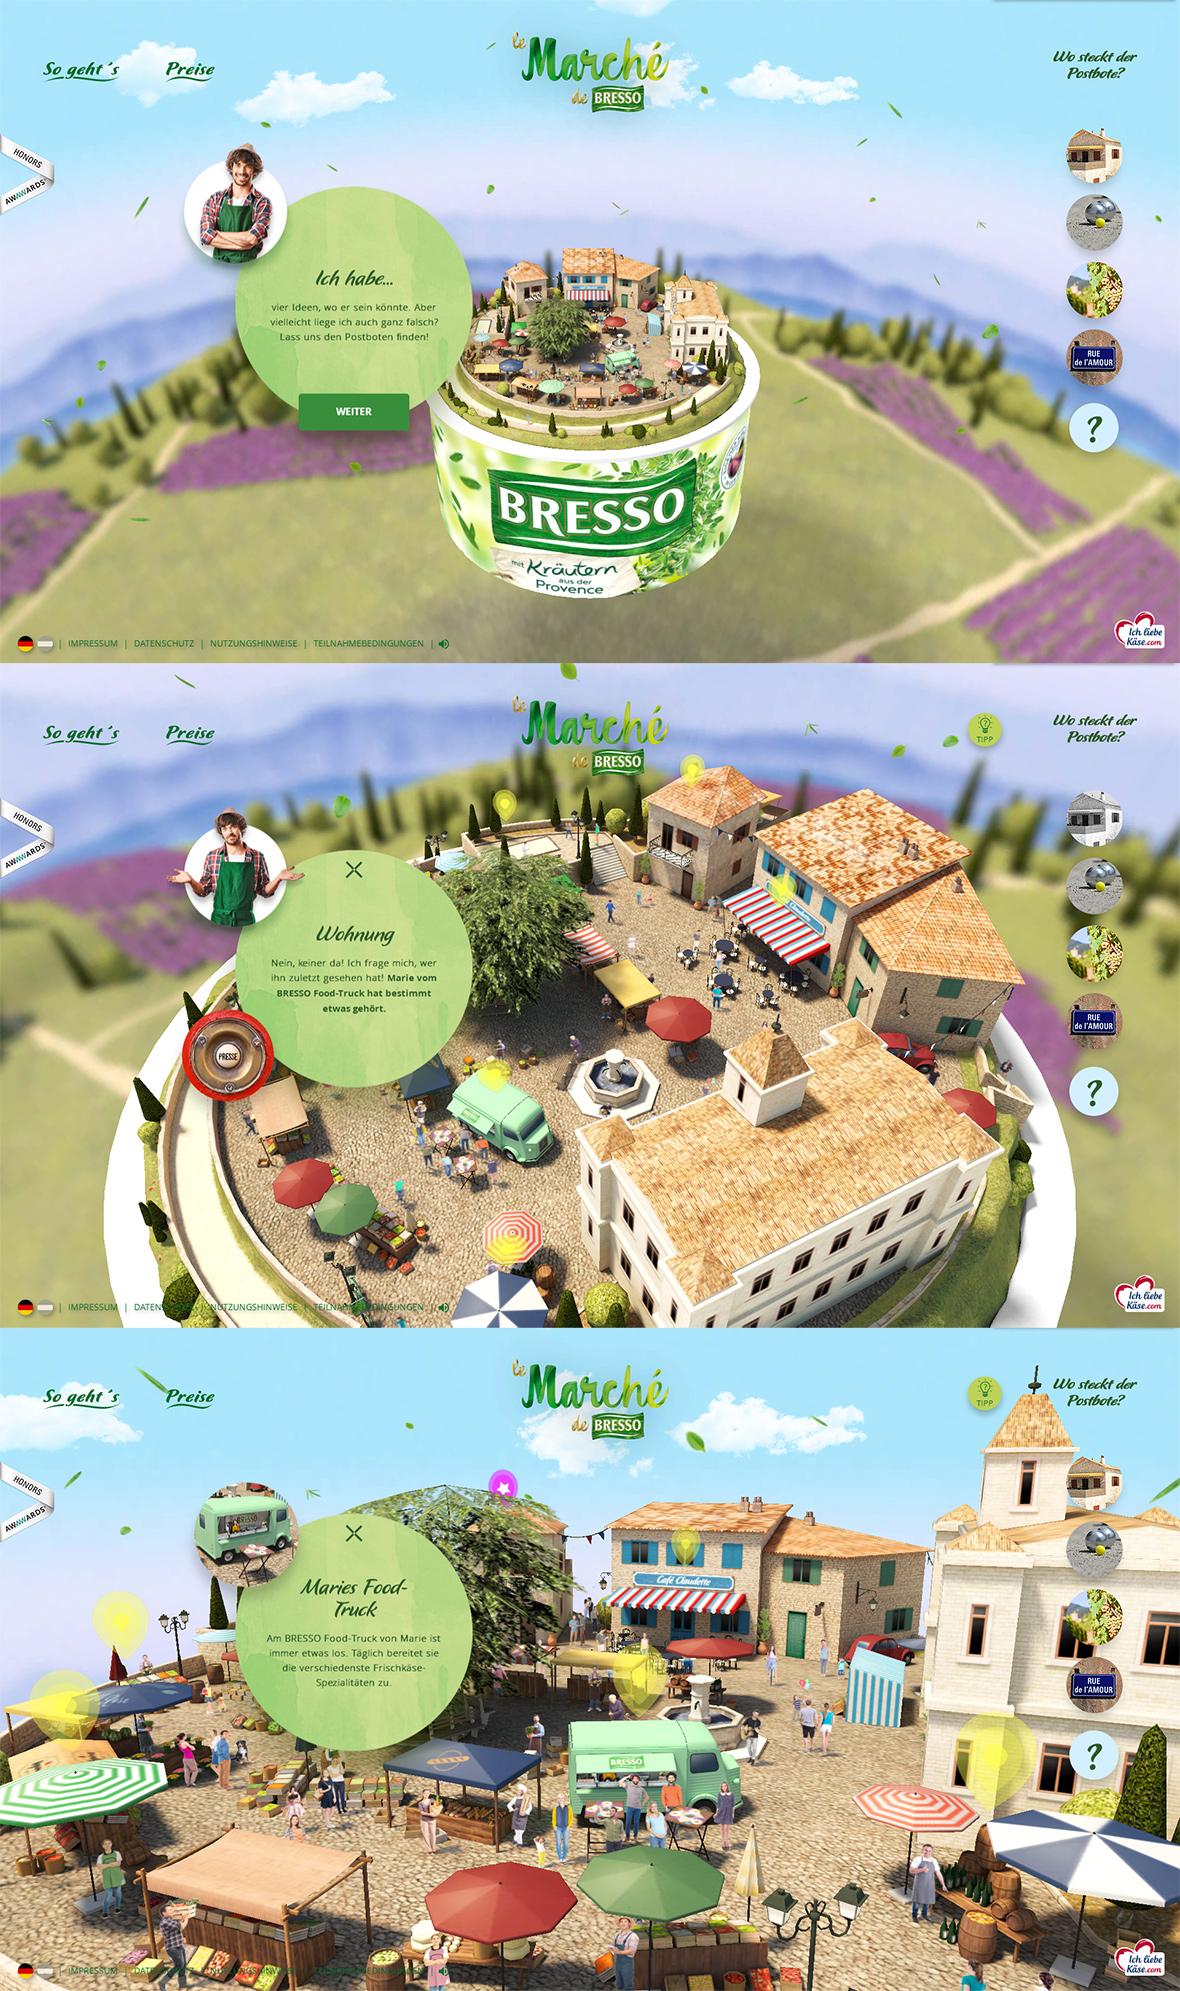 Le Marché de BRESSO-创意,网页设计,创意设计,创意网站,字体设计,设计网站,设计作品,网站欣赏,优,ui设计,设计,设计师,平面设计,电商设计,动漫设计,网站设计,海报设计,logo设计,ui